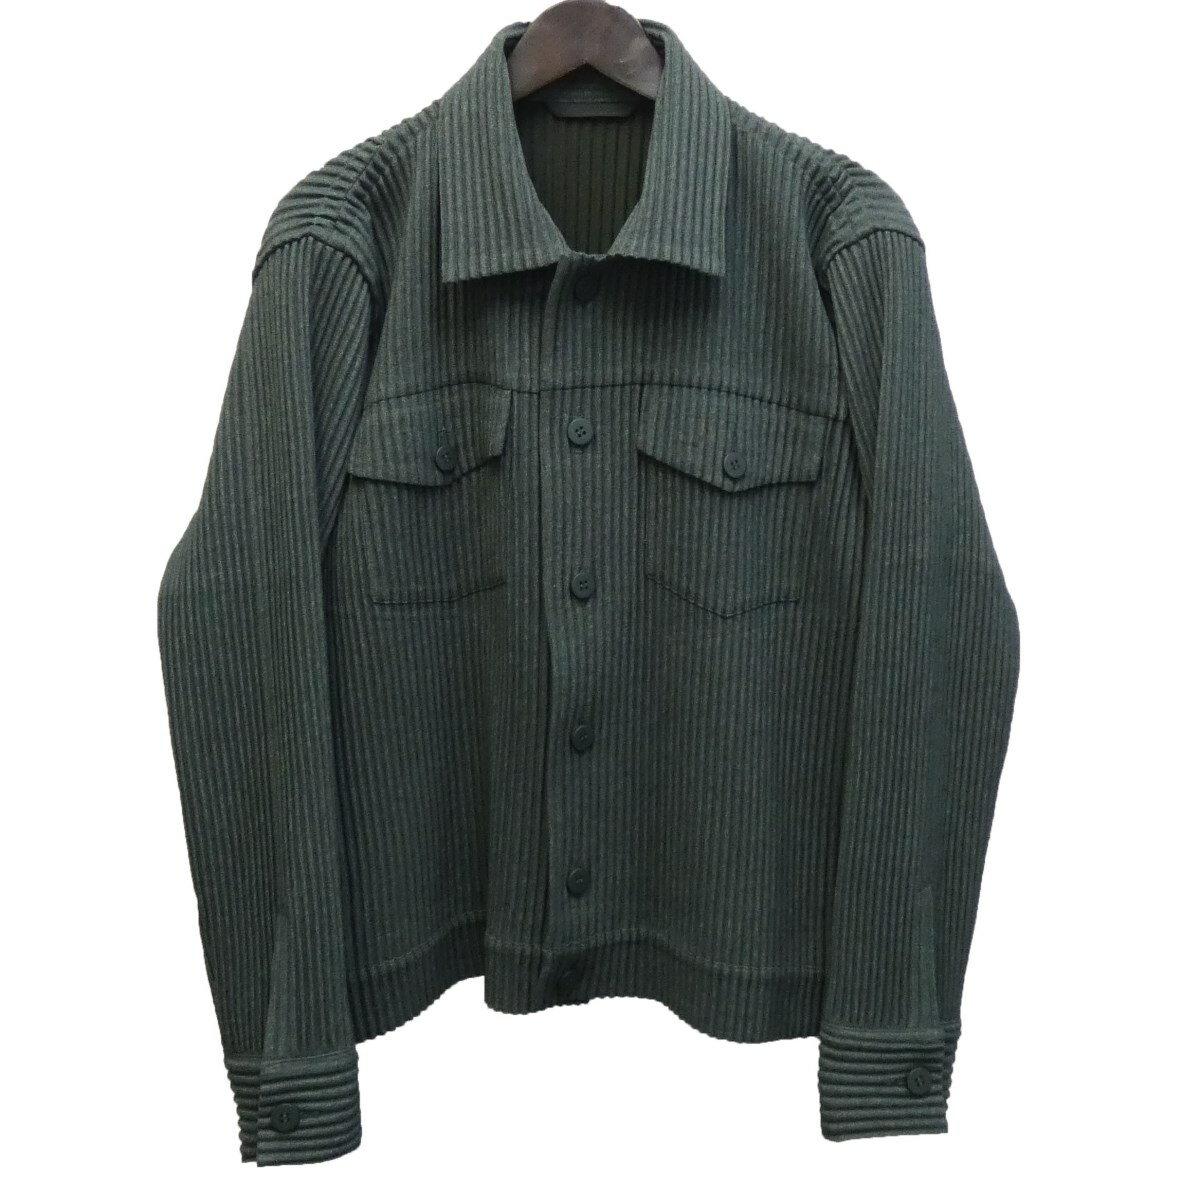 メンズファッション, コート・ジャケット HOMME PLISSE ISSEY MIYAKE 19AW 1 270320